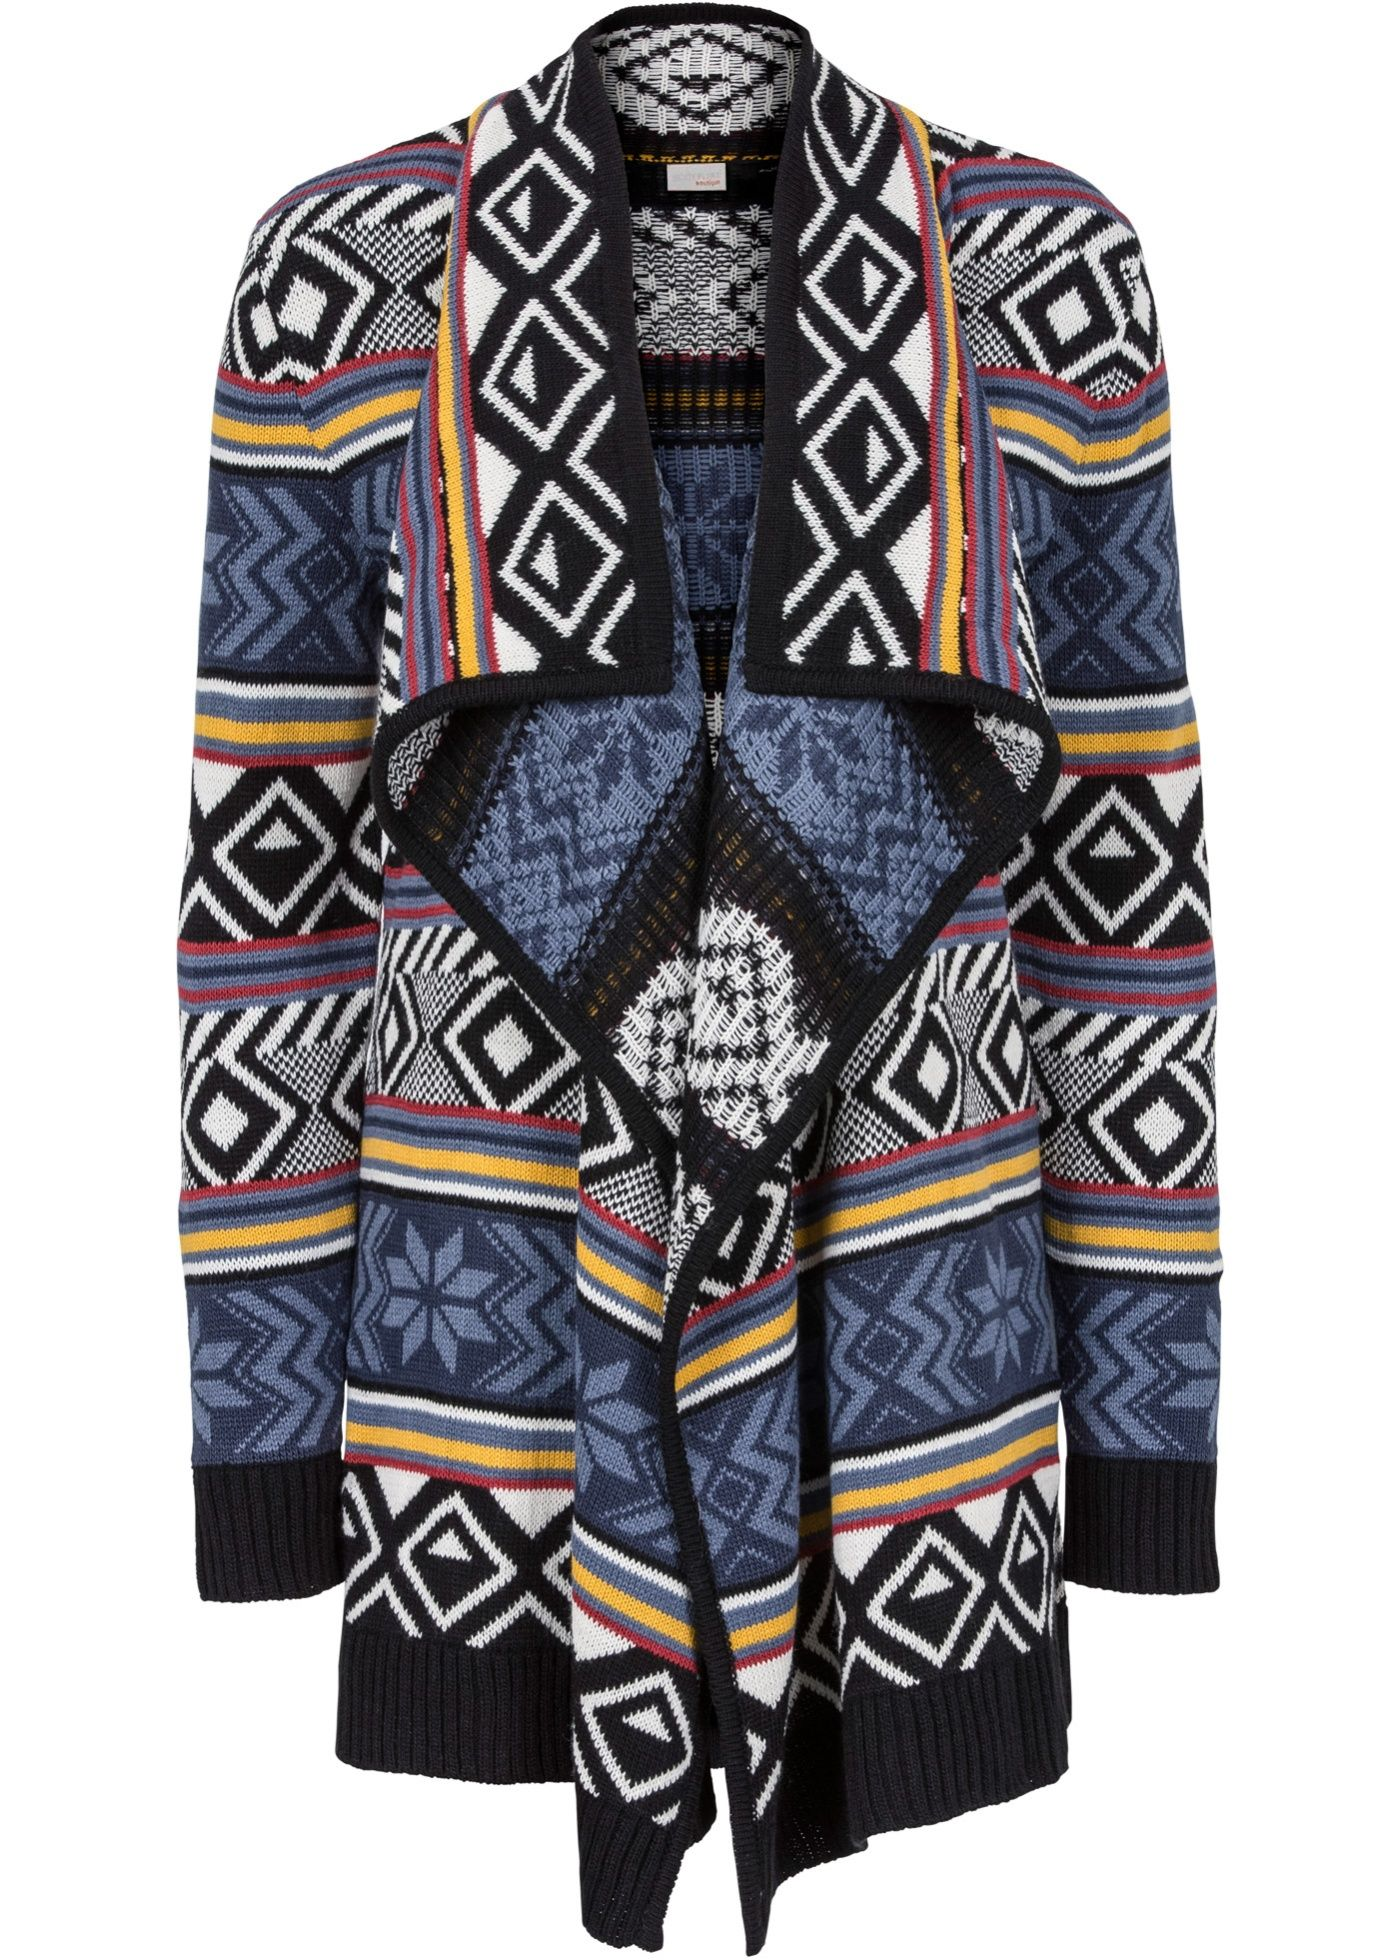 Strickjacke Schwarz Weiss Blau Jetzt Im Online Shop Von Bonprix De Ab 29 99 Bestellen Das An Einen Poncho Angelehnte Design Dieses Fashion Cardigan Sweaters